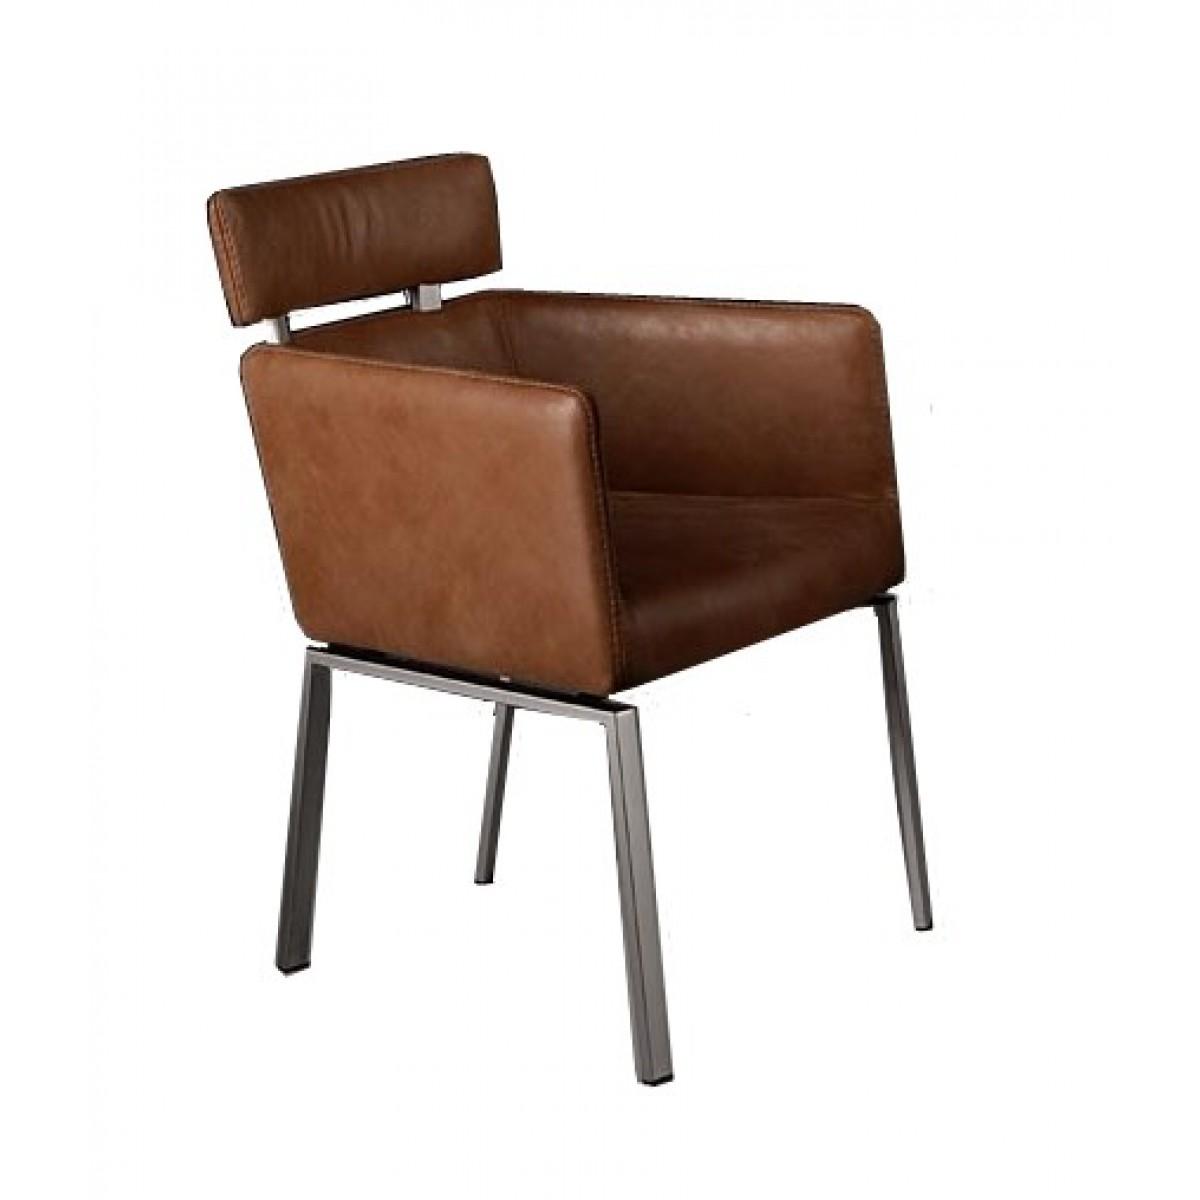 sabine-armstoel-eetkamerstoel-stoel-leer-leder-africa-stonewash-toledo